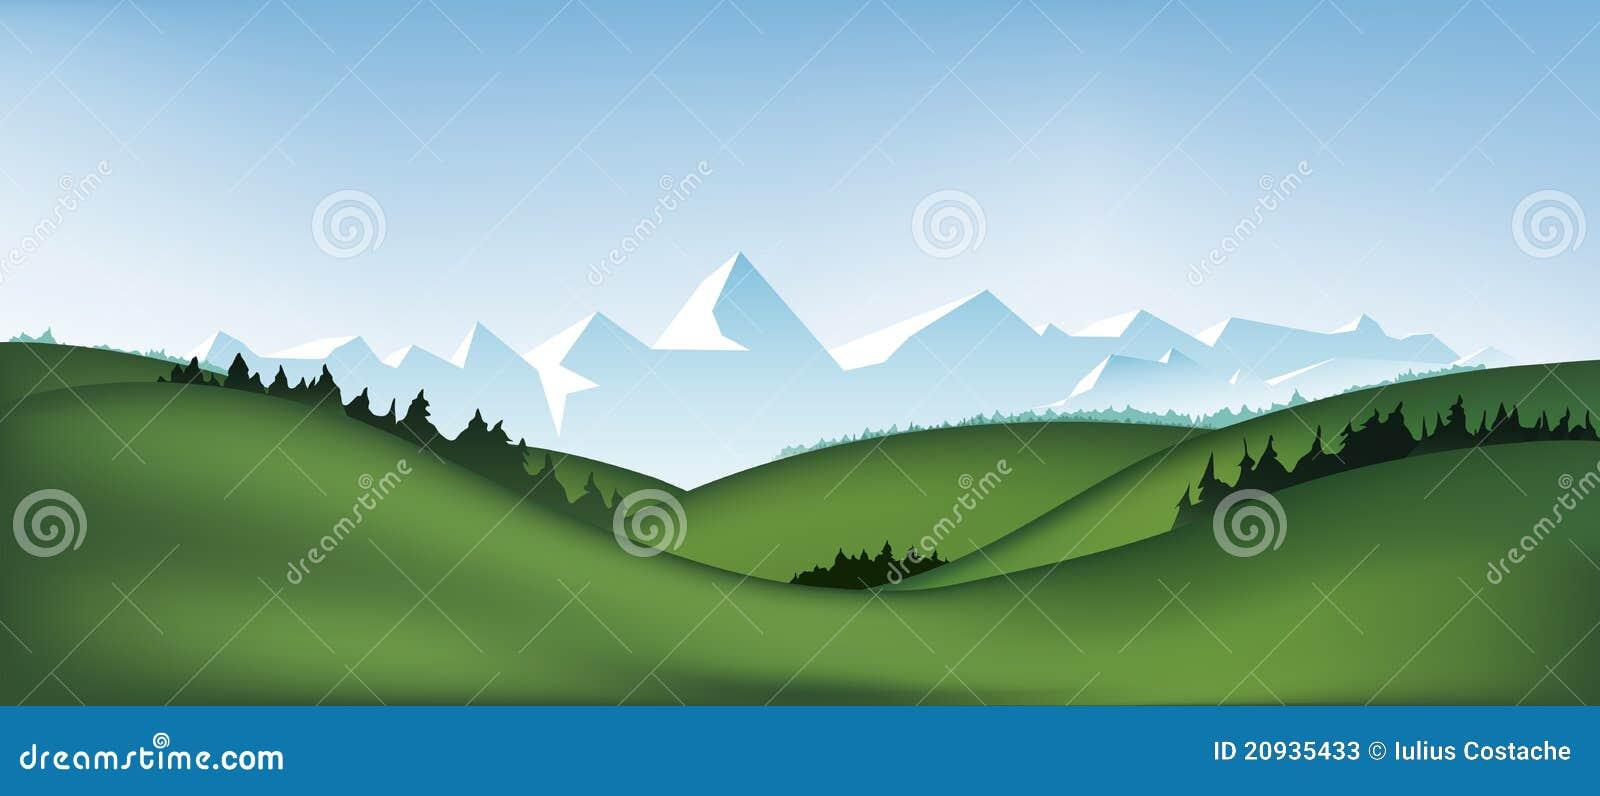 Paisaje de la montaña